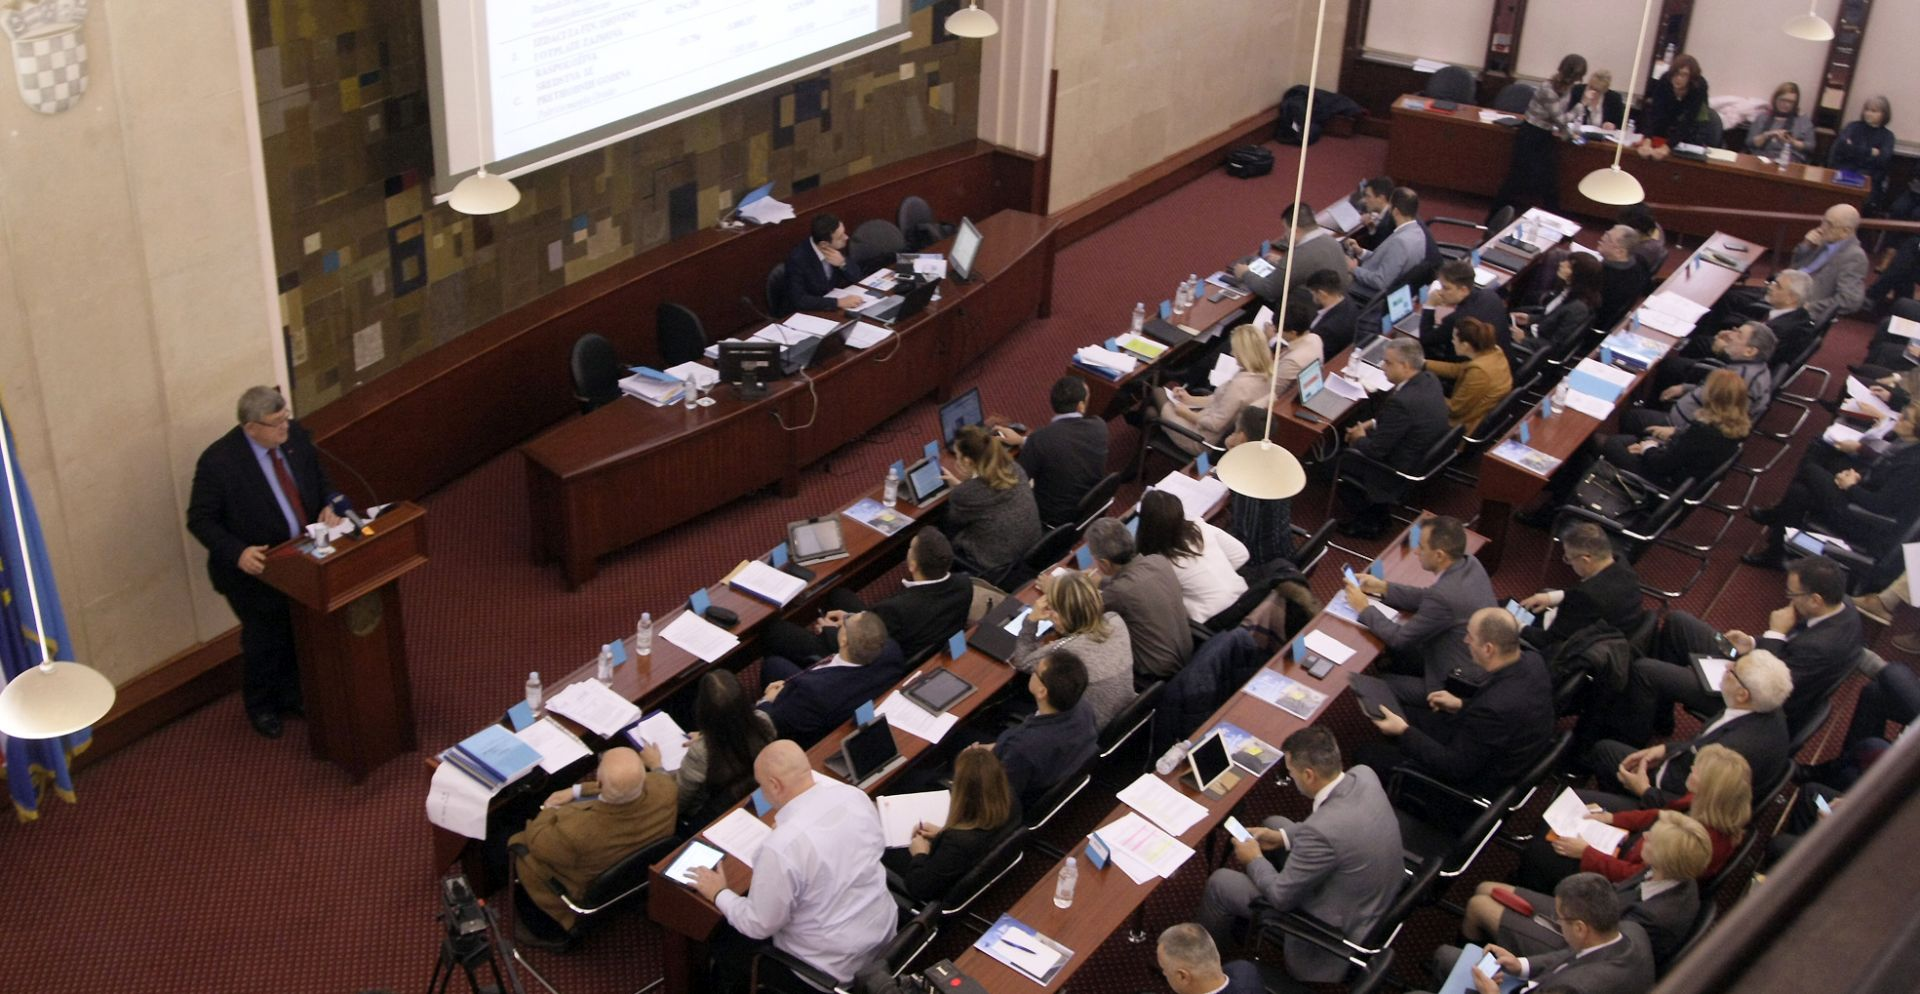 Gradsko vijeće jednoglasno protiv kupnje većinskog paketa dionica HNK Rijeke